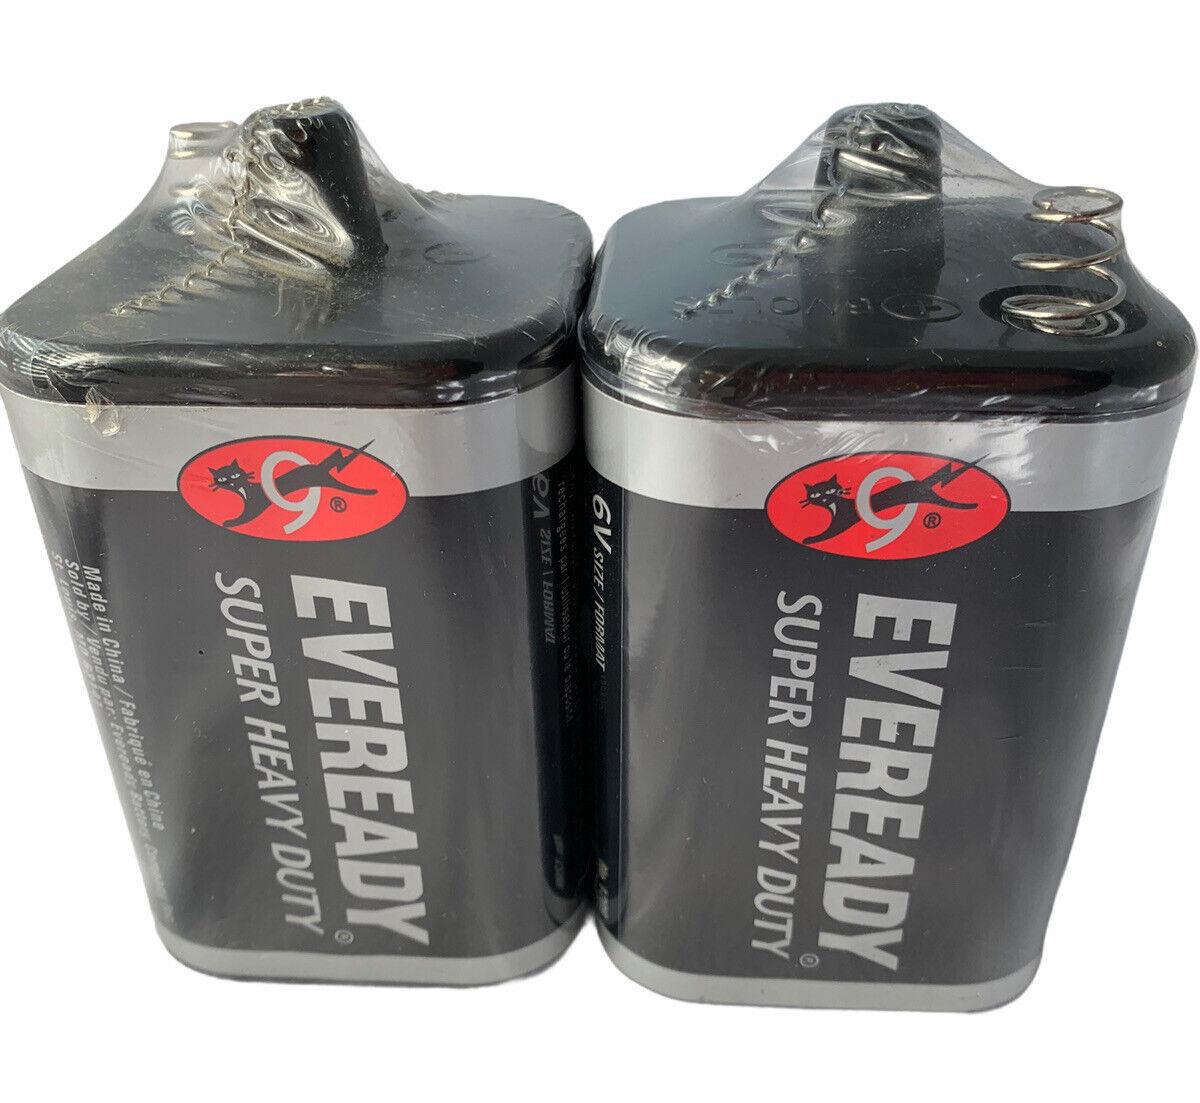 2 Eveready 1209 Zinc-Carbon Super Heavy Duty Lantern 6 Volts Batteries S8